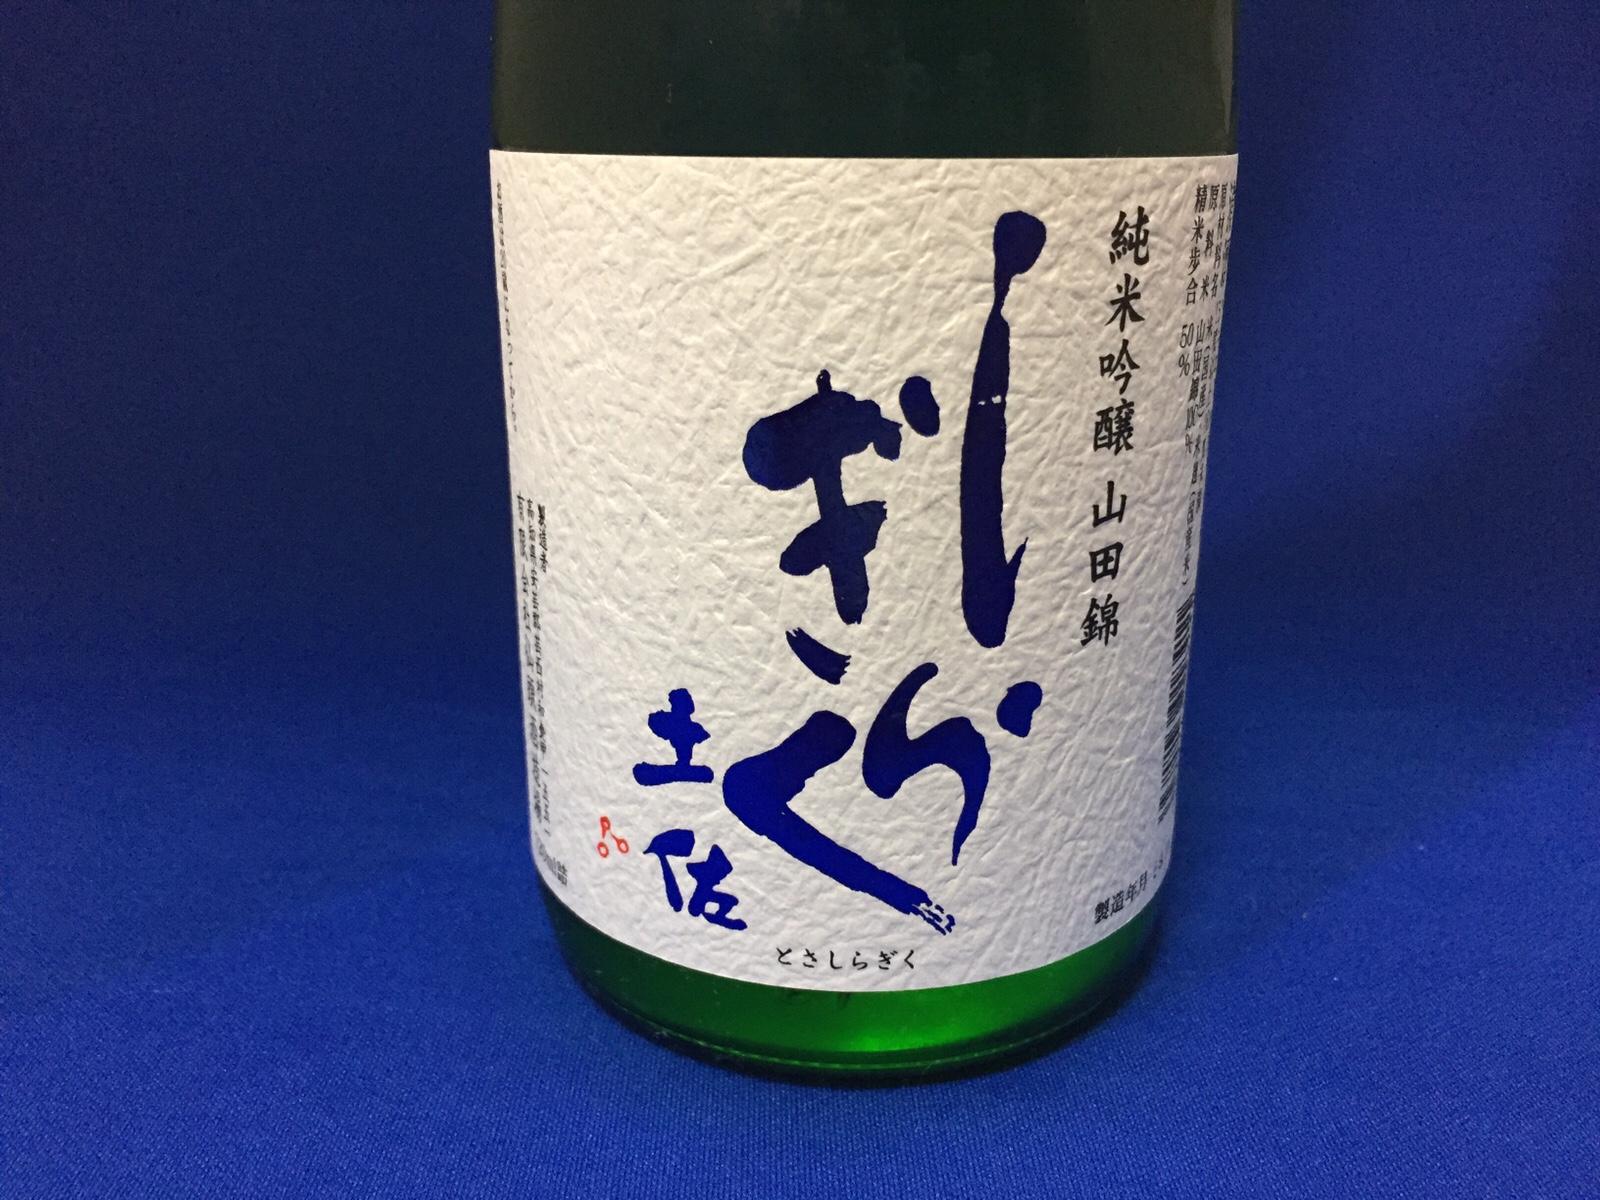 純米吟醸第1位「土佐しらぎく」土佐の自然と百年の思いが醸す最高の飲み心地